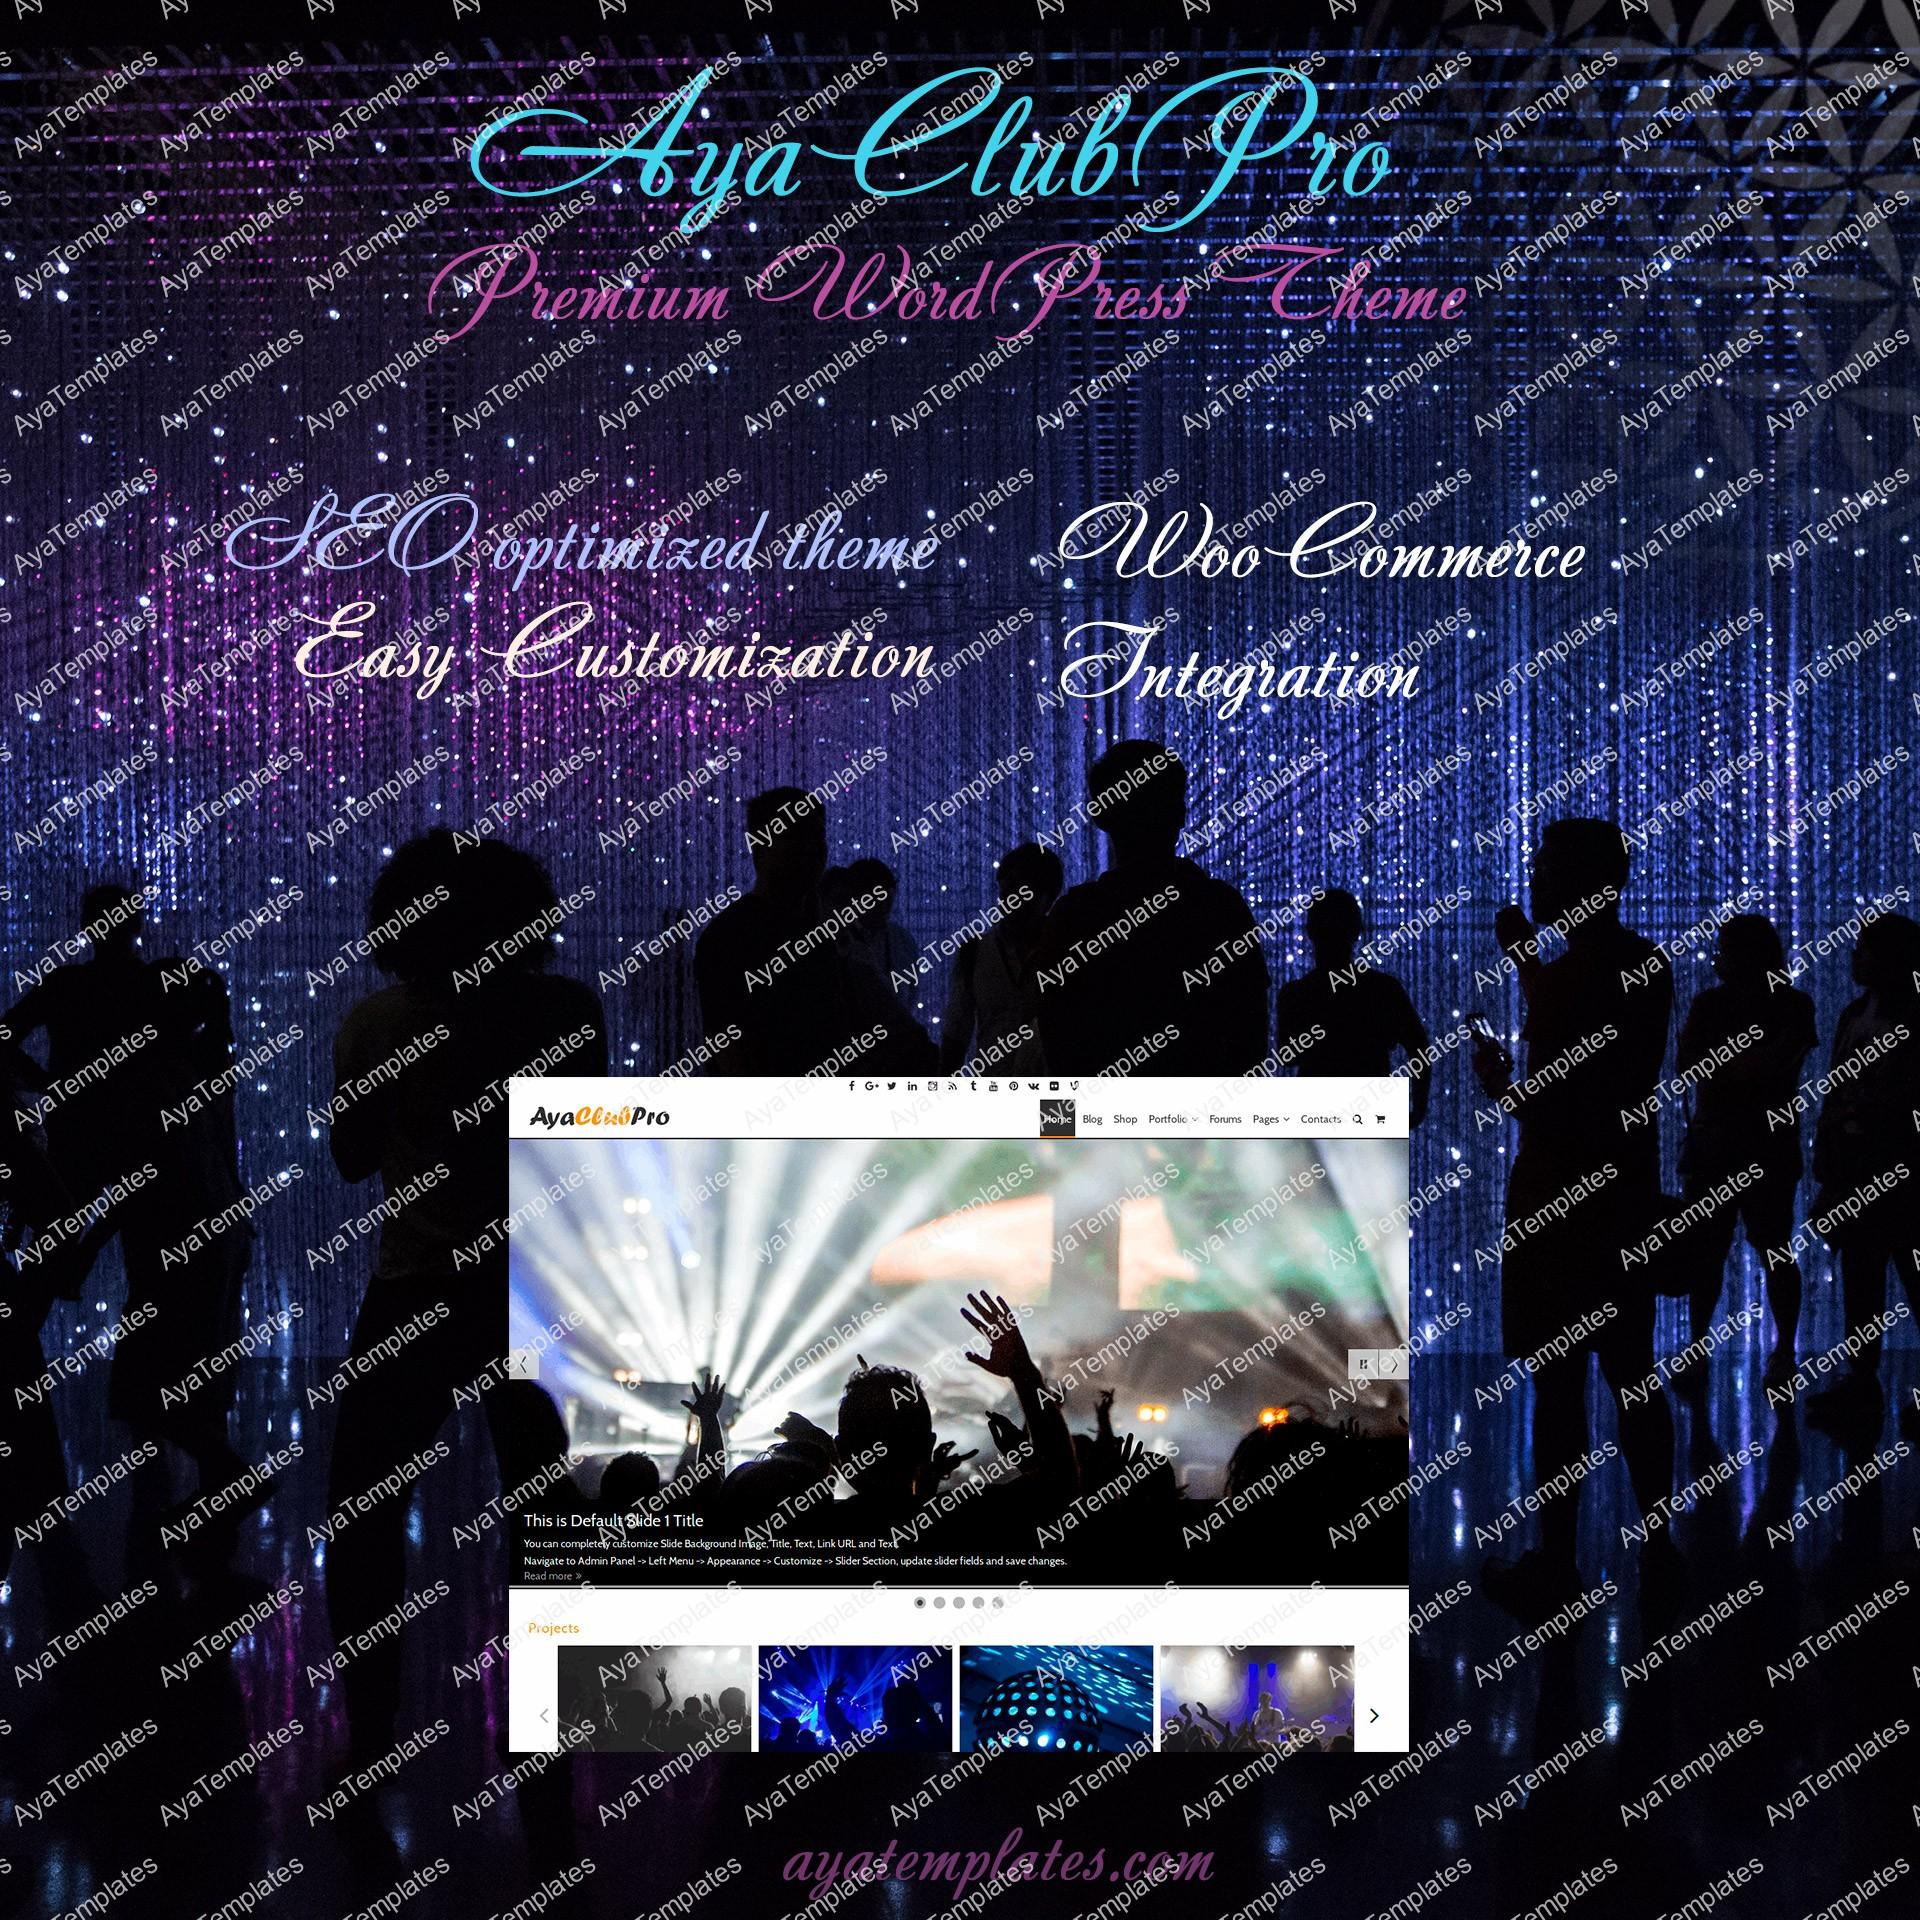 ayaclubpro-premium-wordpress-theme-mockup-ayatemplates-com